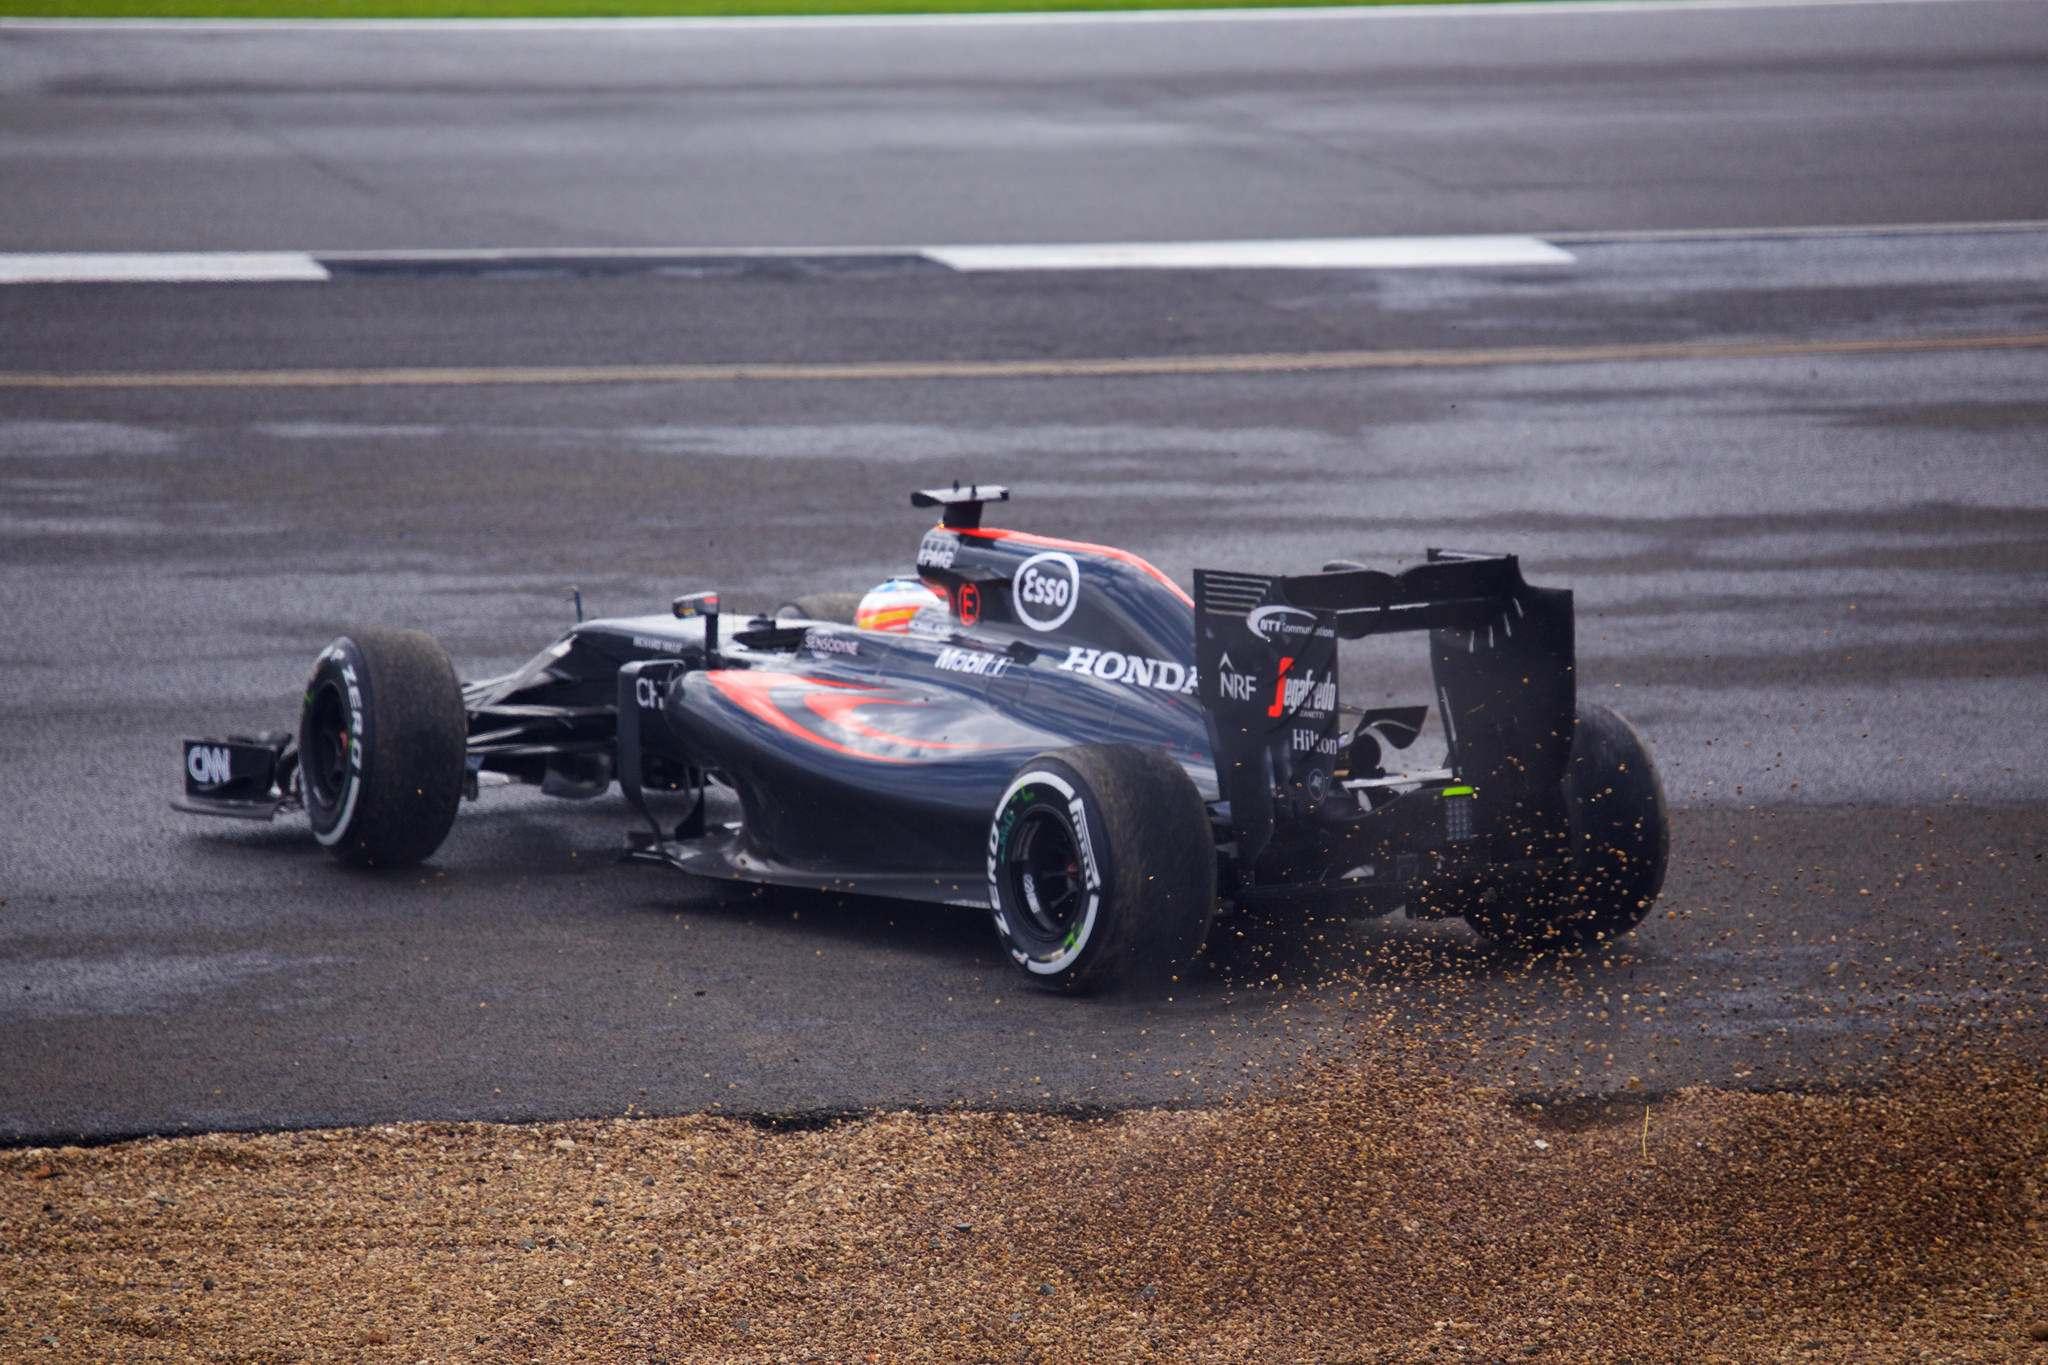 britishgp9 Formula 1   British GP 2016 in Silverstone